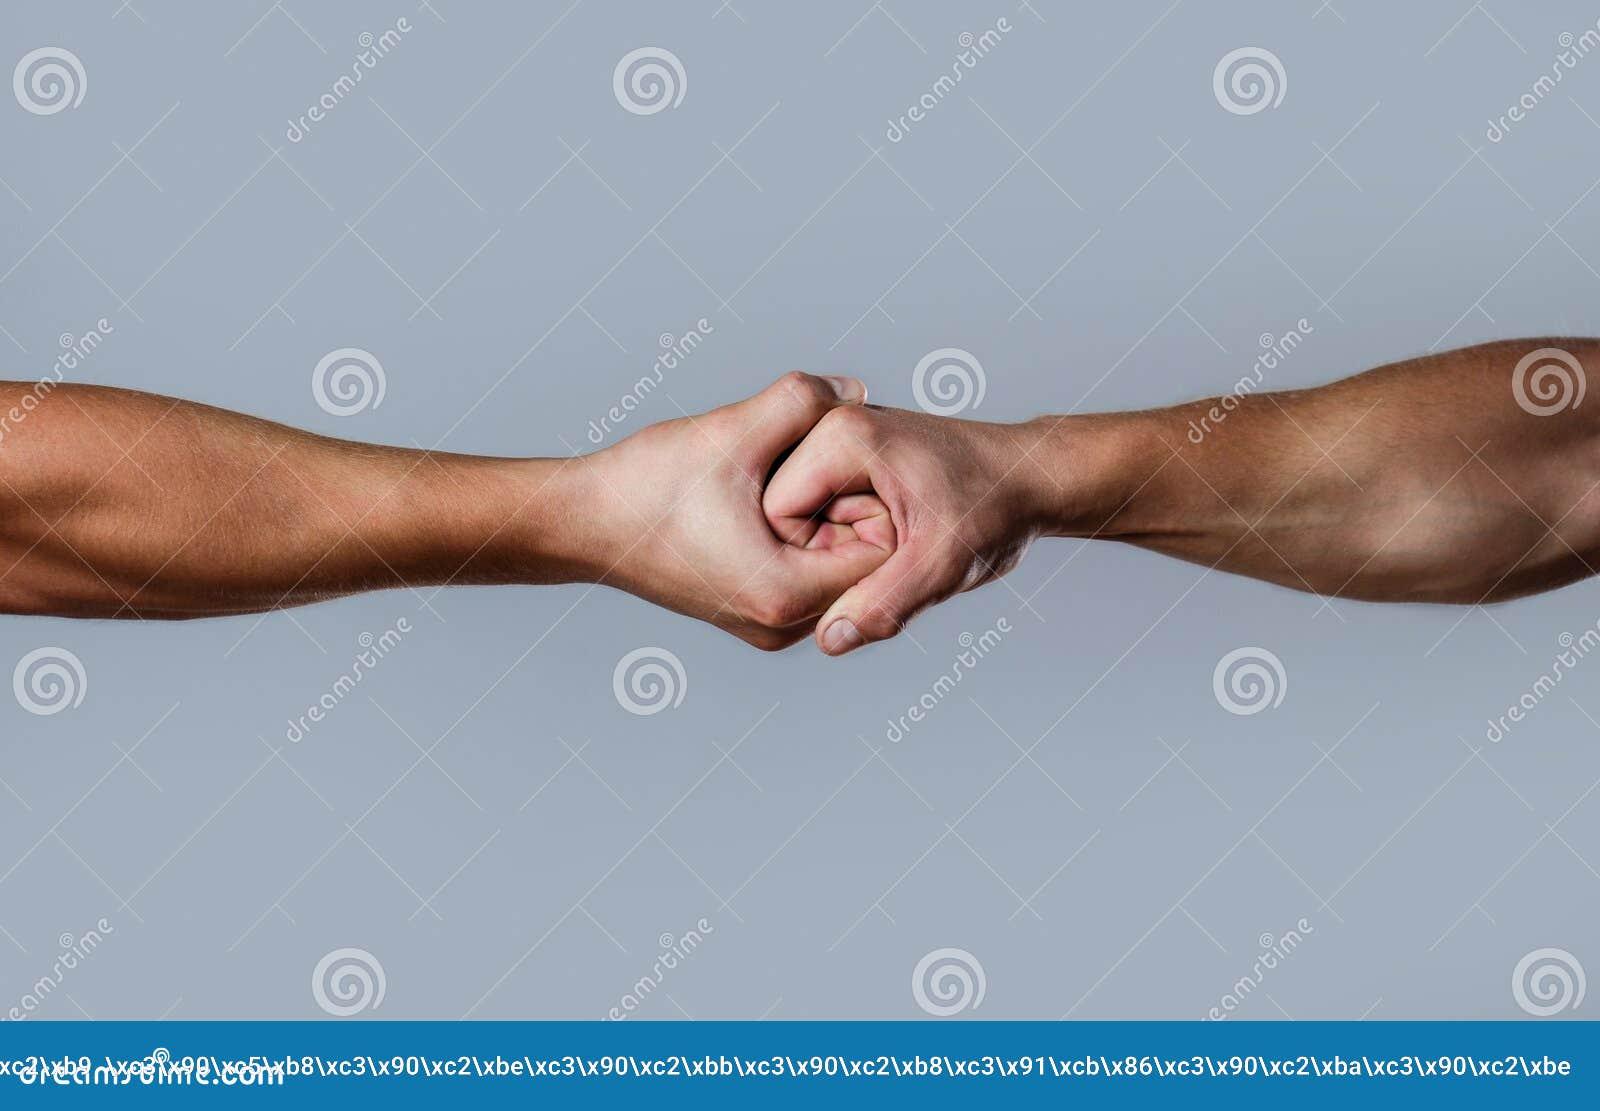 Twee handen, geïsoleerd wapen, die hand van een vriend helpen Vriendschappelijke handdruk, vrienden het begroeten Redding, die ha